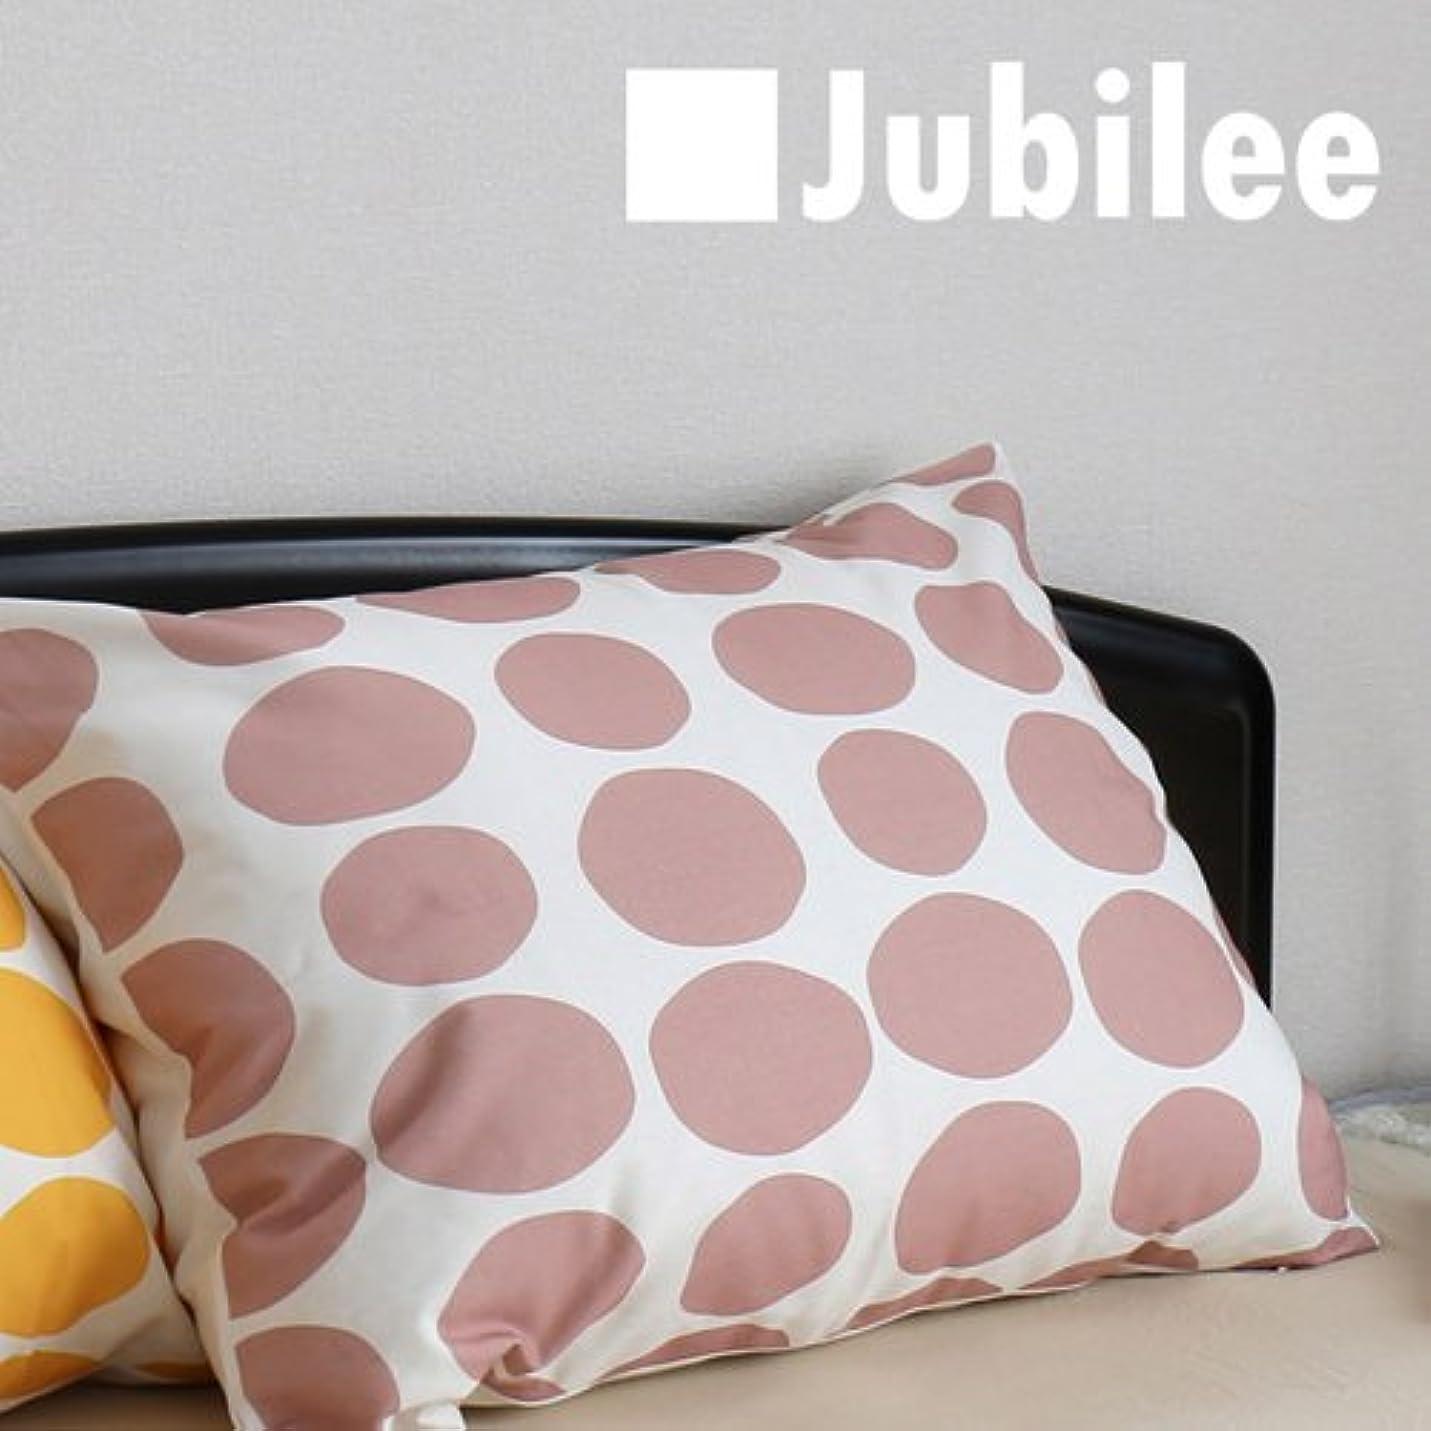 些細なカブ経由で枕カバー jubilee ピローケース 北欧柄 ピンク ストーンドット (MKR088YM) ピュア コットン 寝具 新生活 英国 ブランド